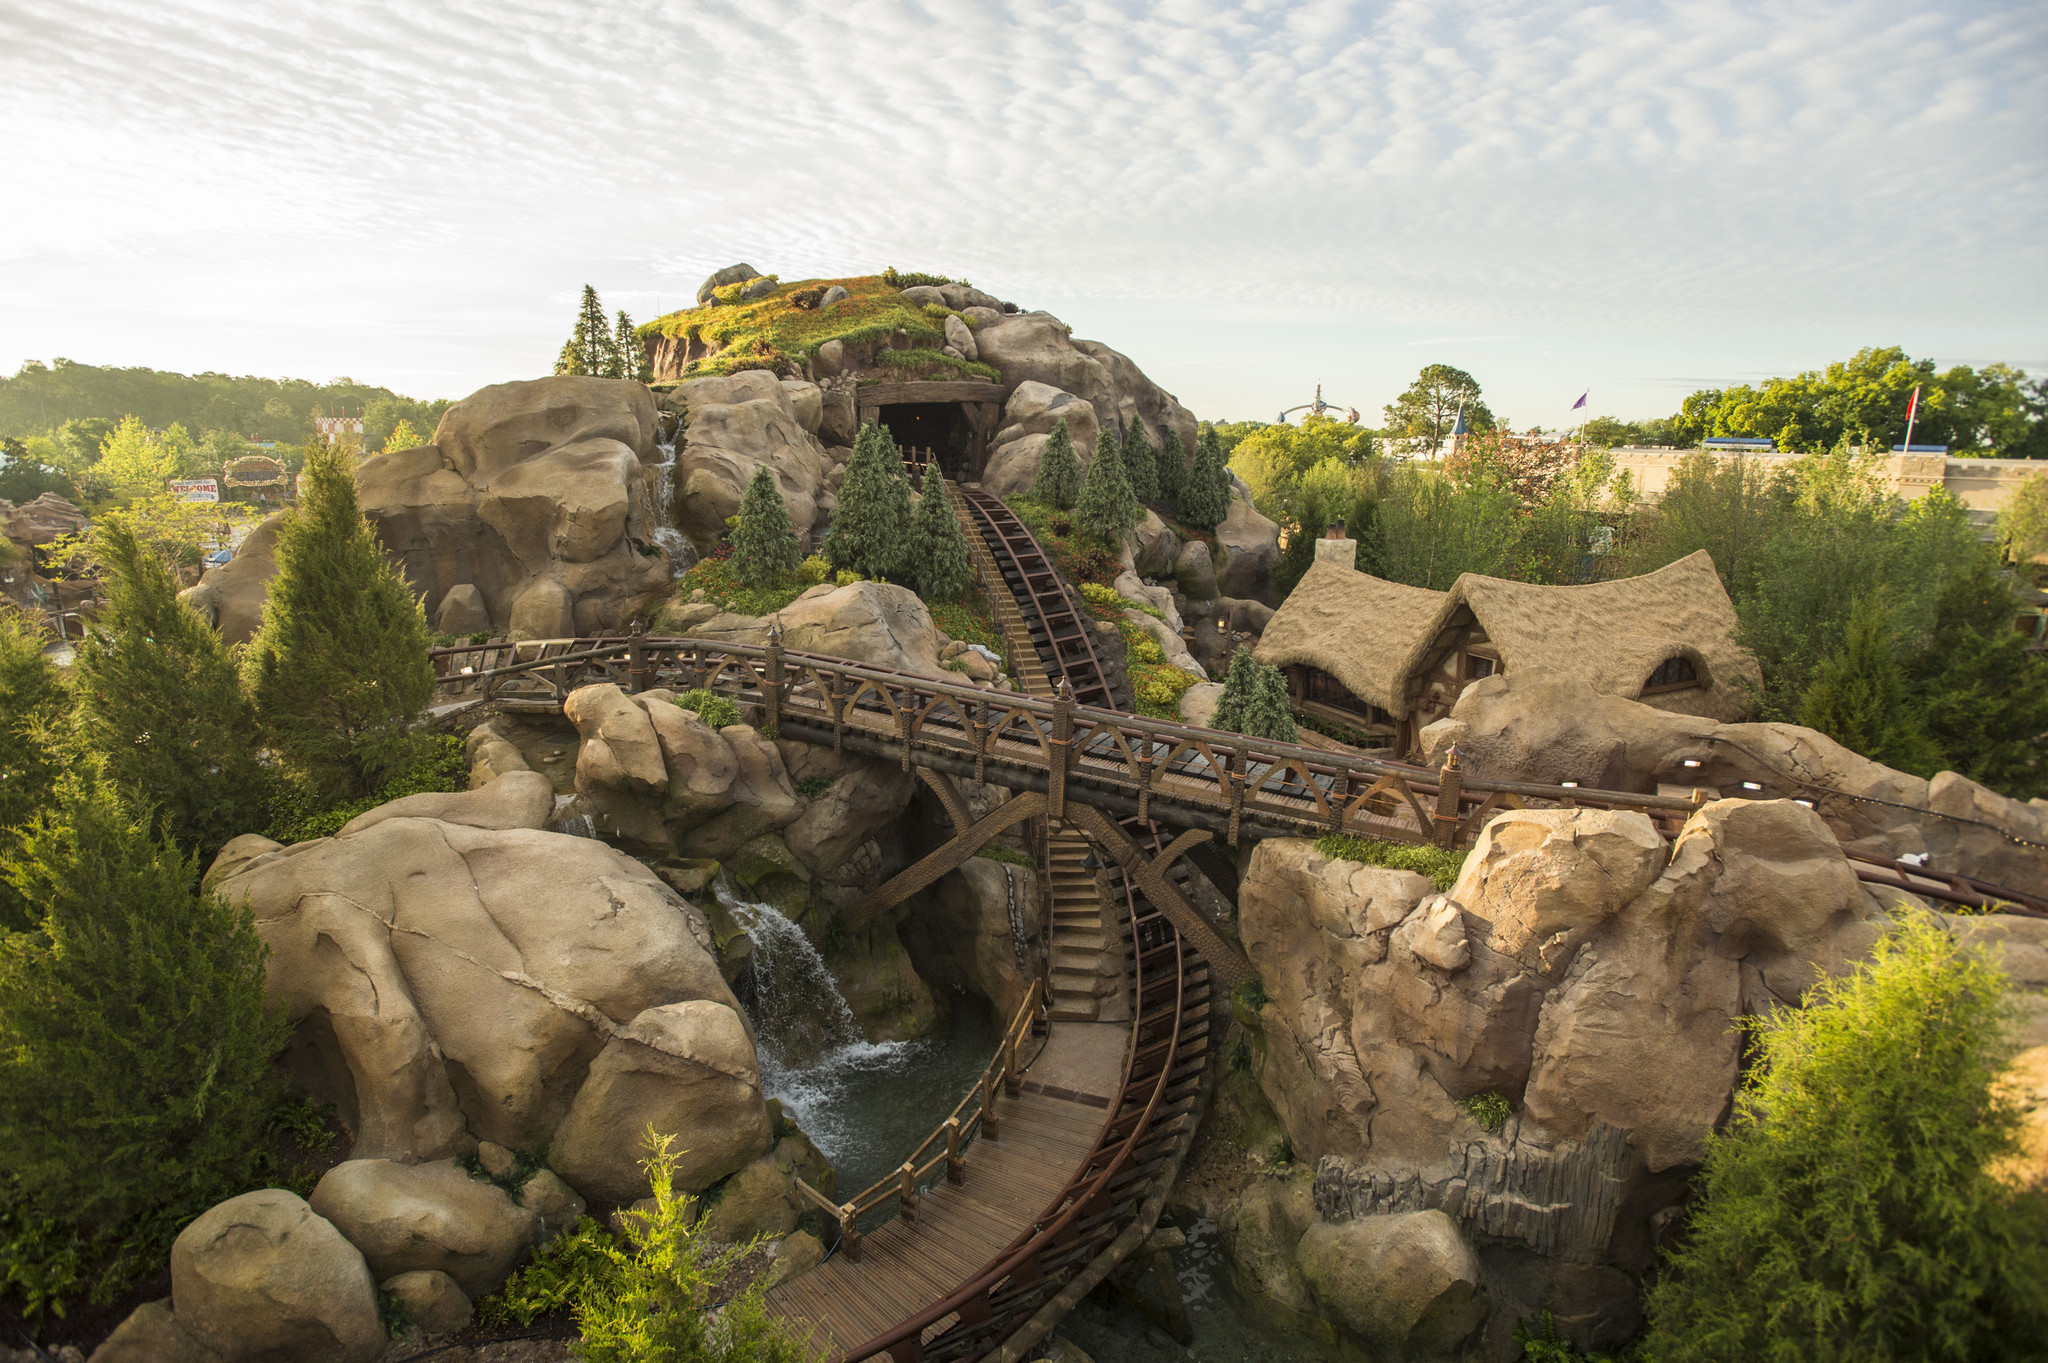 Photo: Seven Dwarfs Mine Train at Magic Kingdom